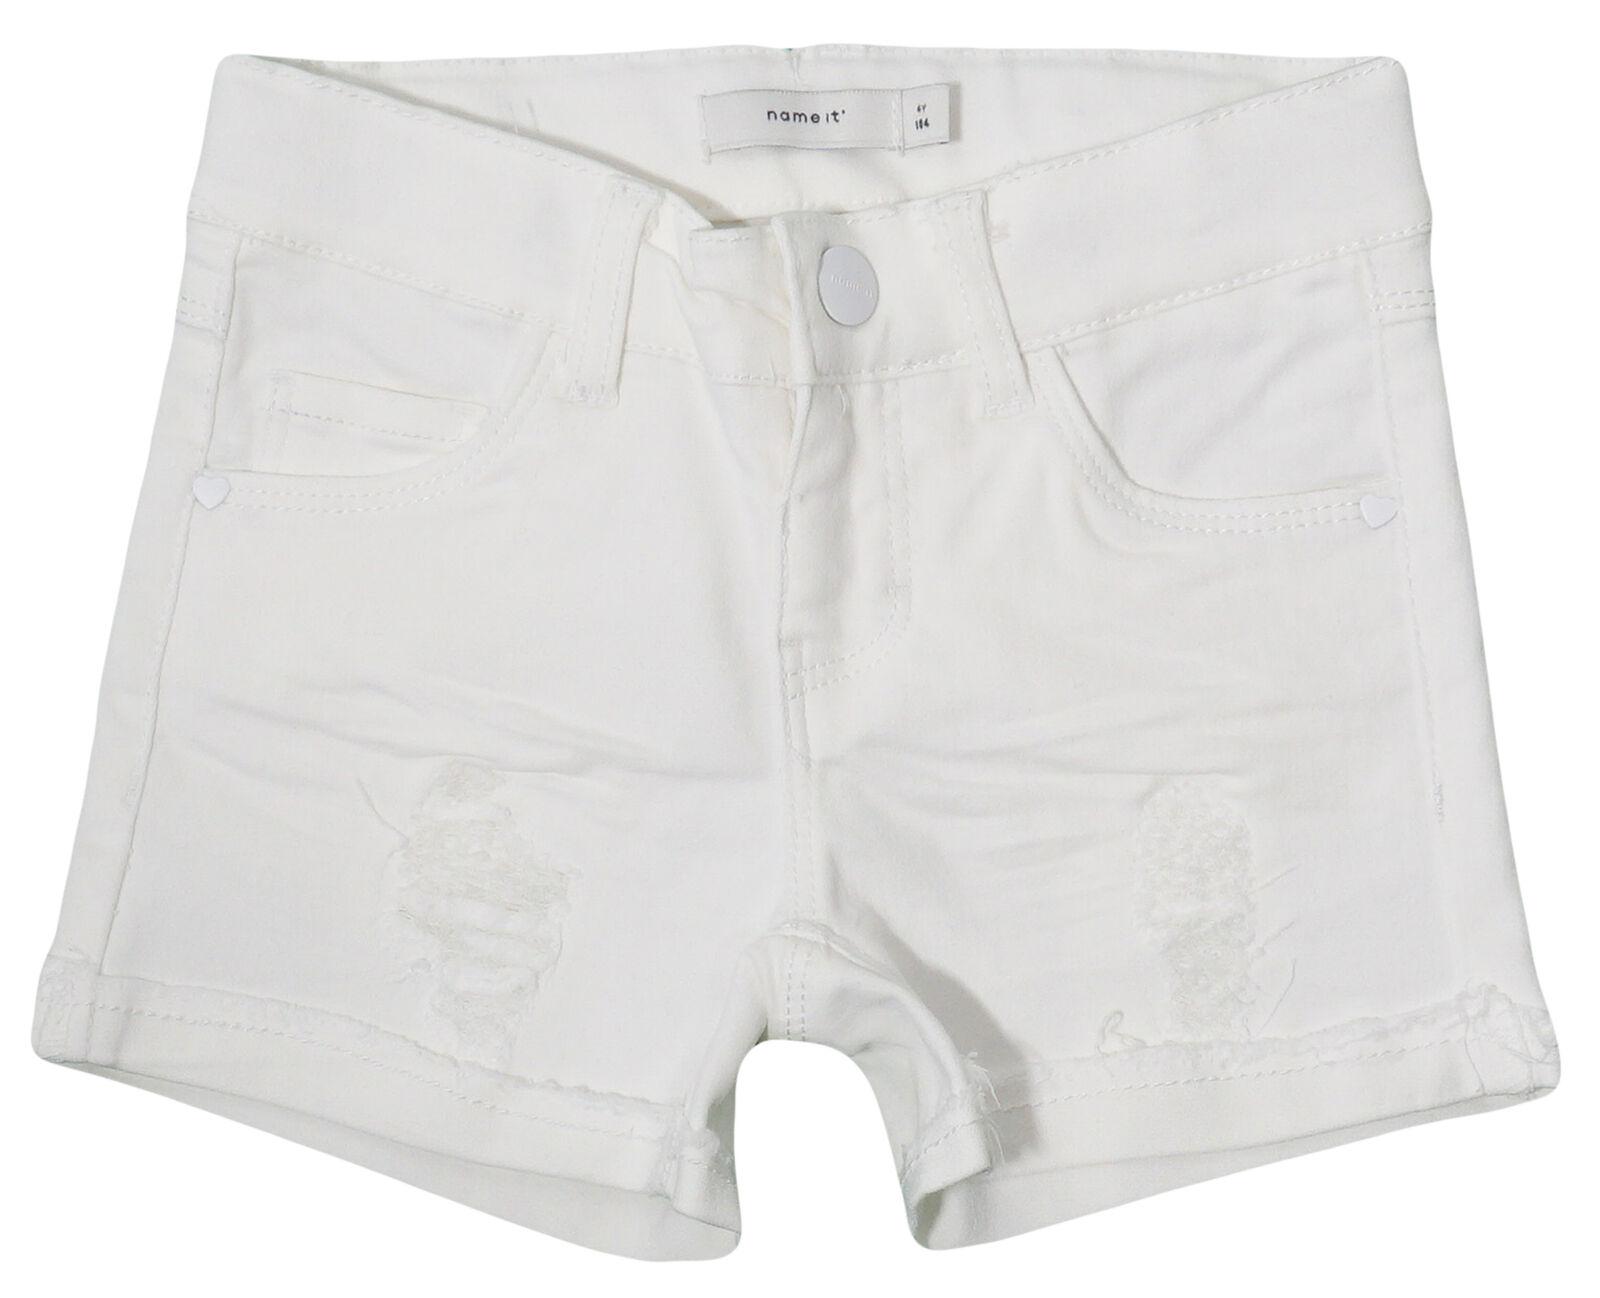 Name It Kids Jeans SHORTS Mädchen Shorts kurze Hose Pants